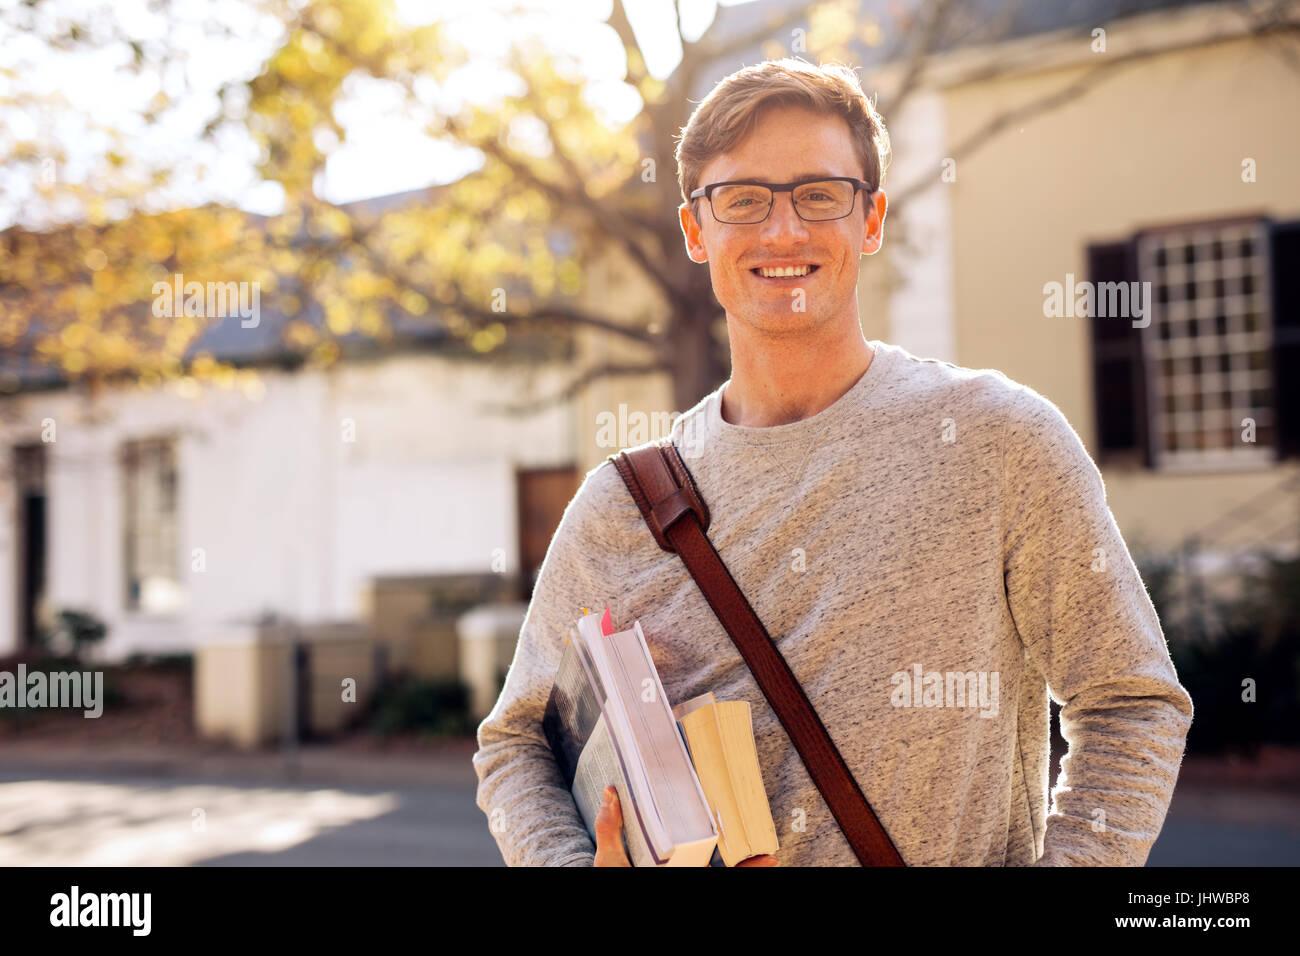 Felice collegio maschile studente all'aperto con i libri. Giovane studente universitario con libri in campus. Immagini Stock